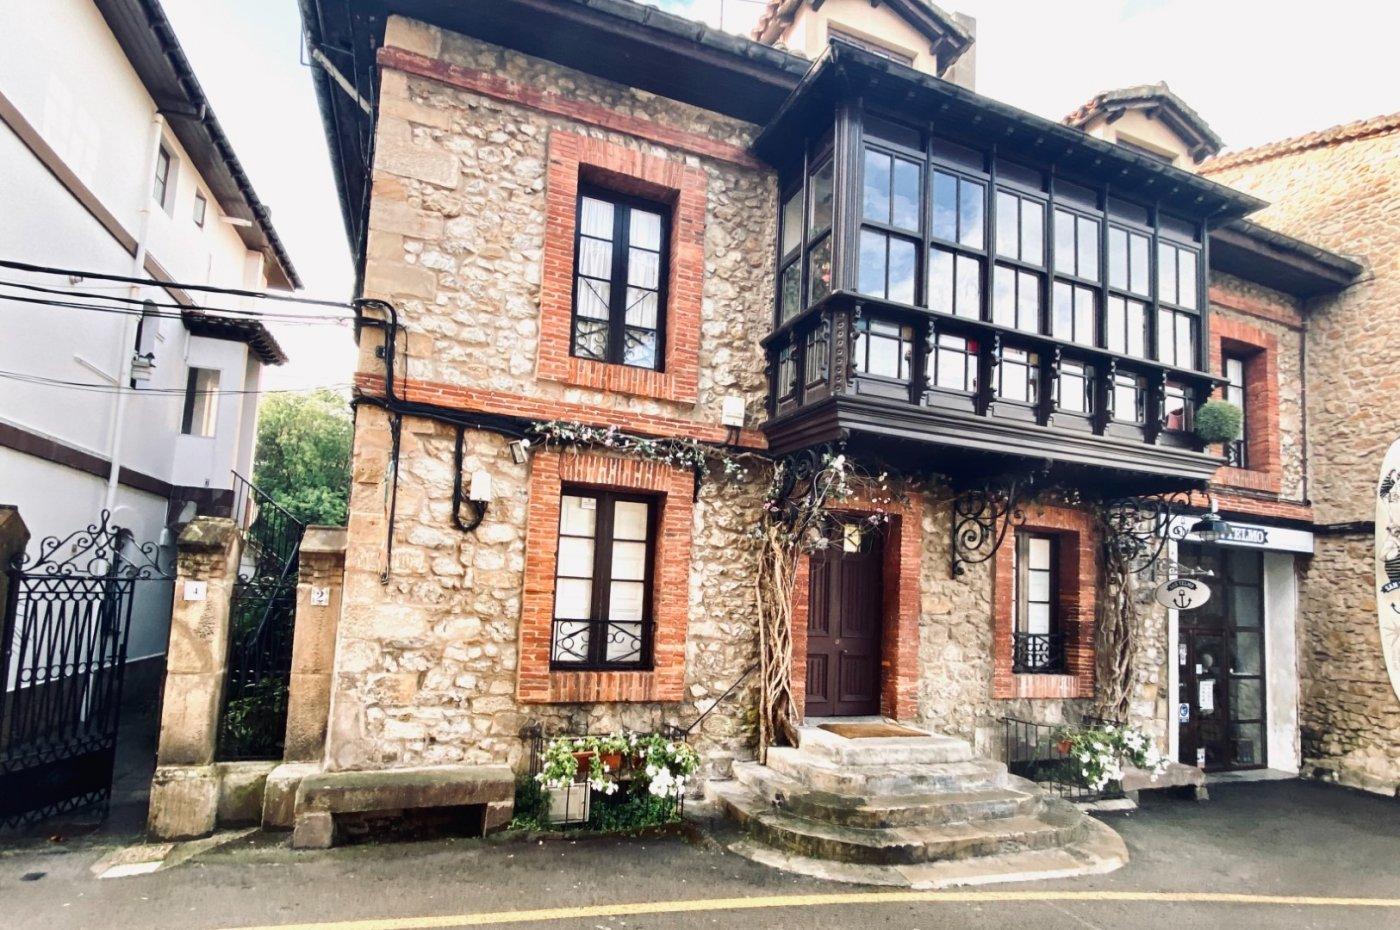 Ático en venta en Comillas  de 3 Habitaciones, 1 Baño y 68 m2 por 160.000 €.